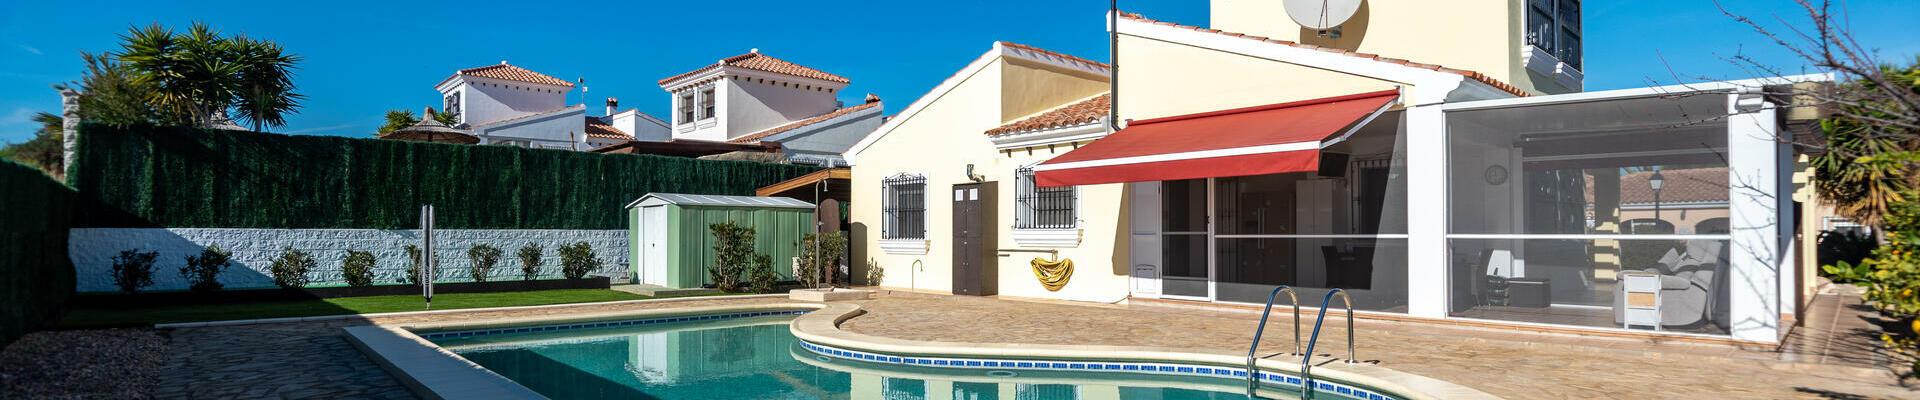 DV1511: 4 Bedroom Villa for Sale